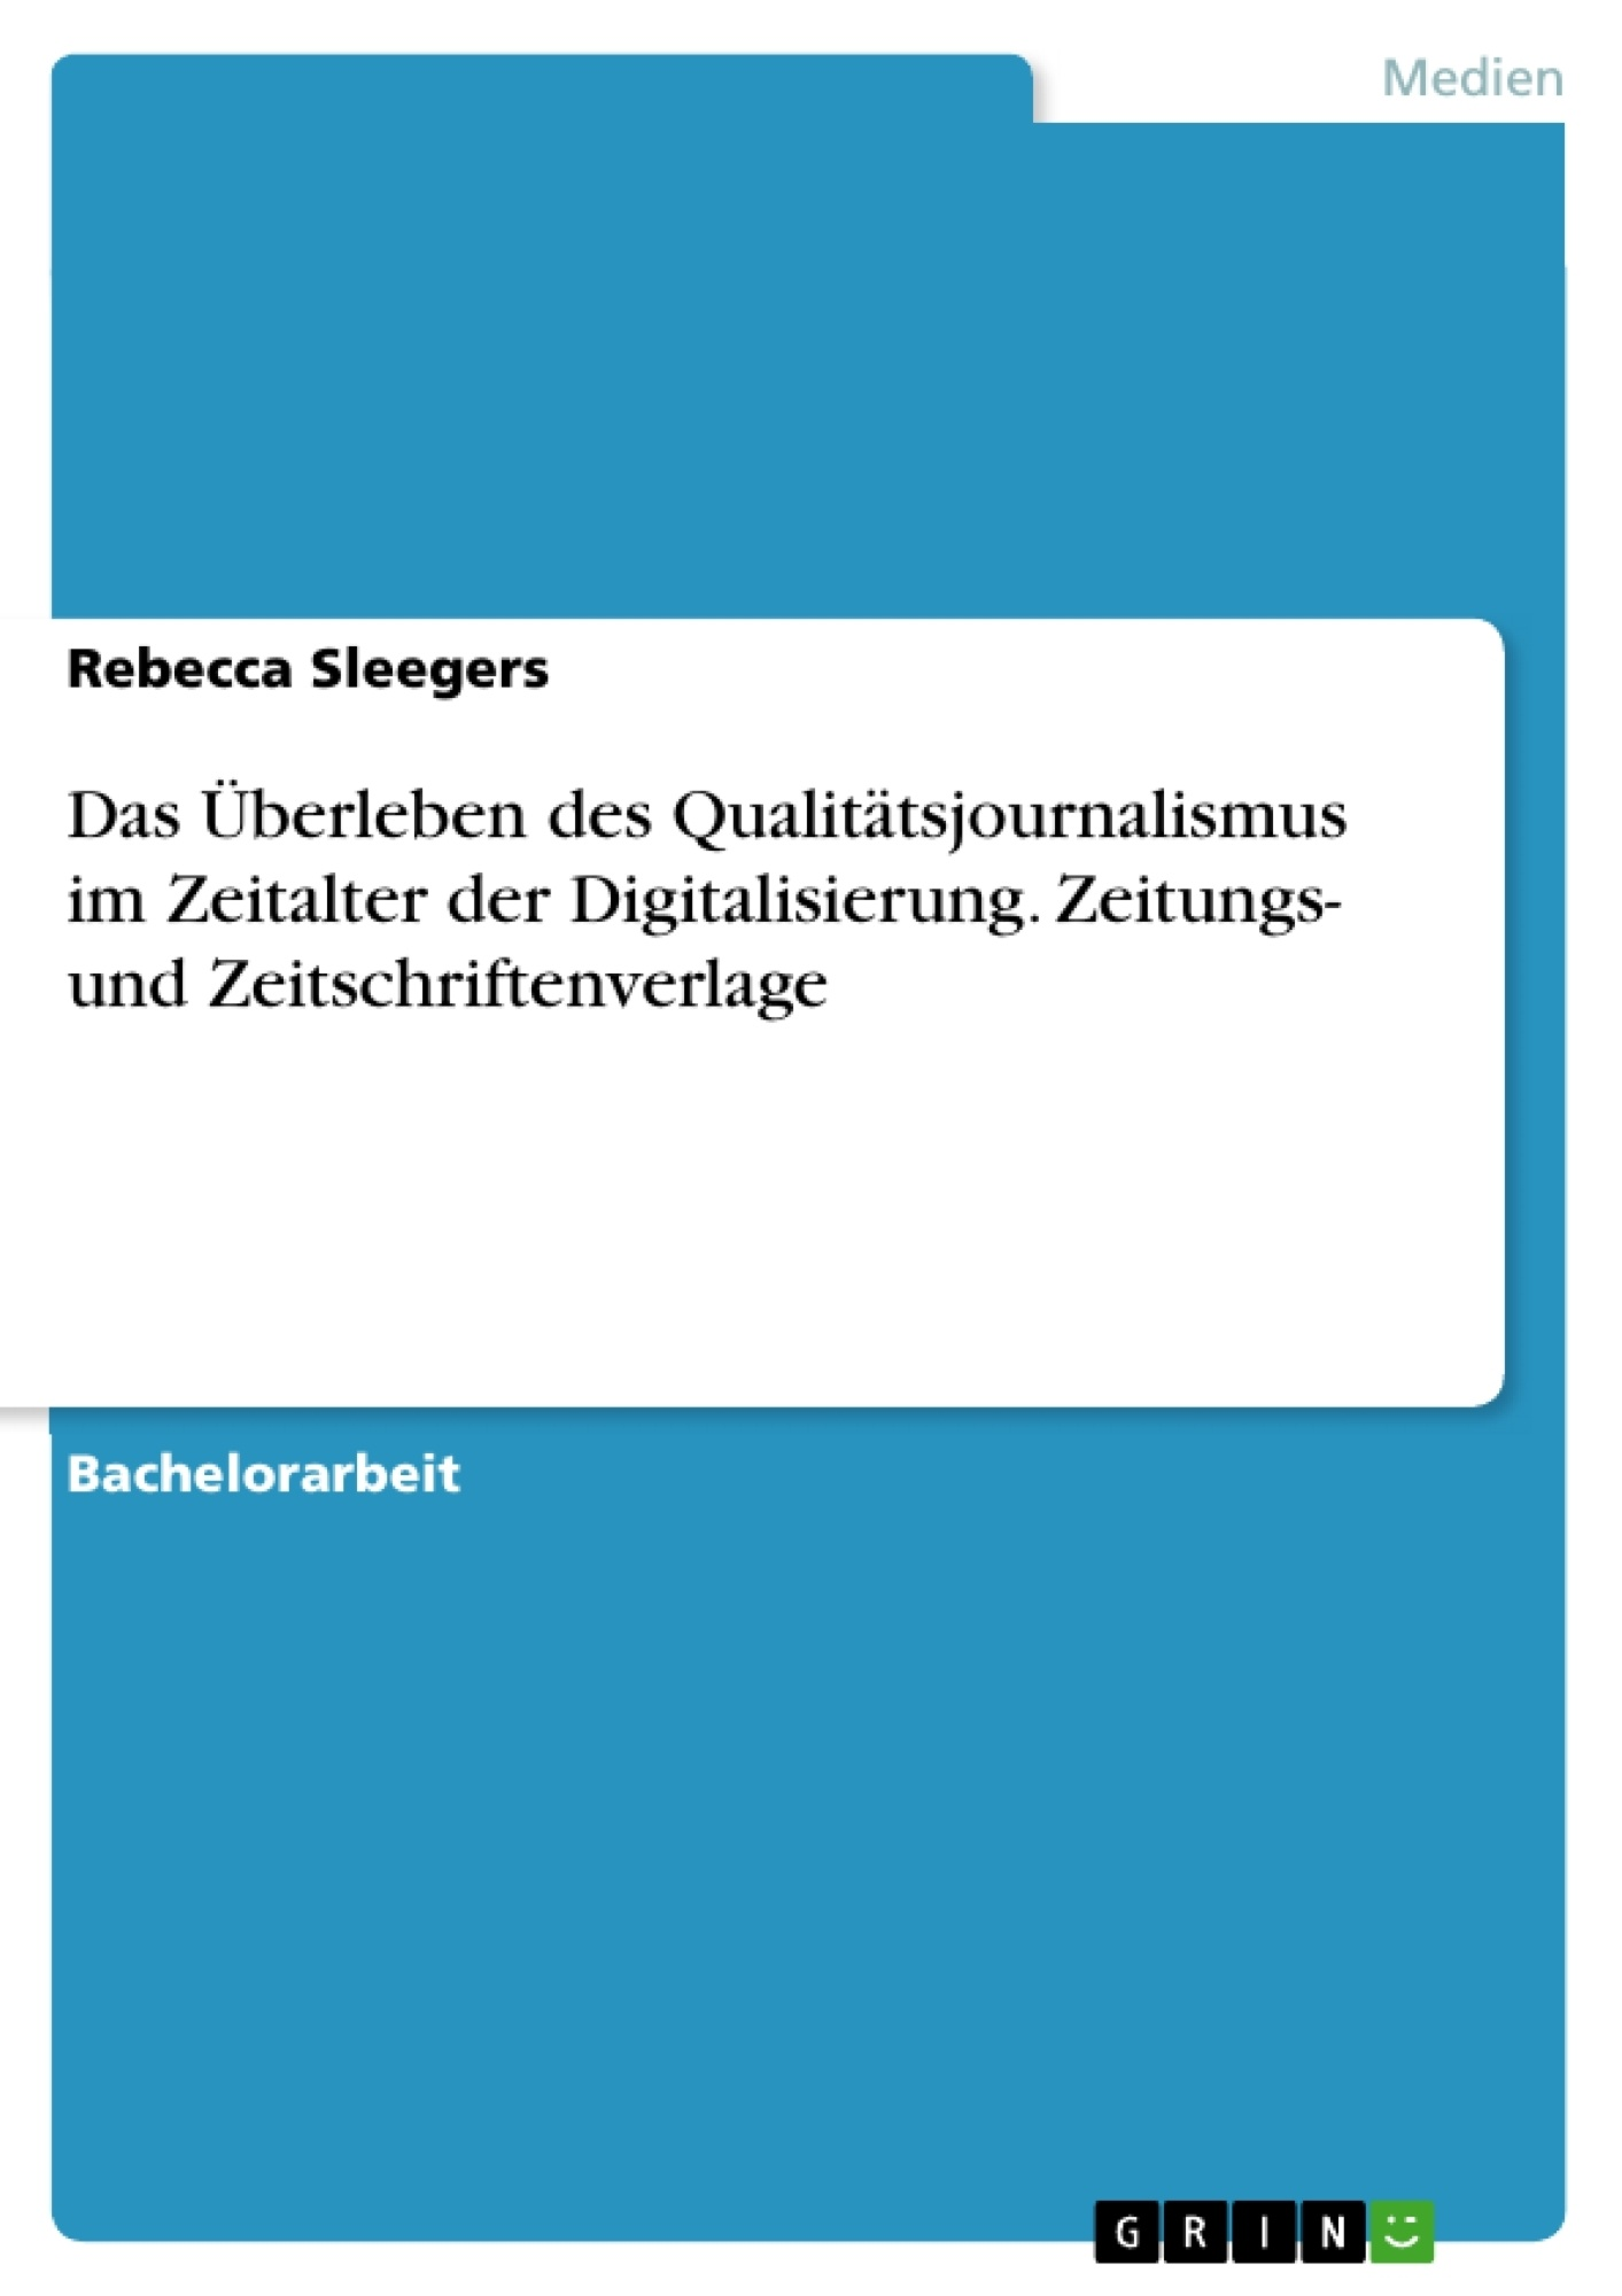 Titel: Das Überleben des Qualitätsjournalismus im Zeitalter der Digitalisierung. Zeitungs- und Zeitschriftenverlage